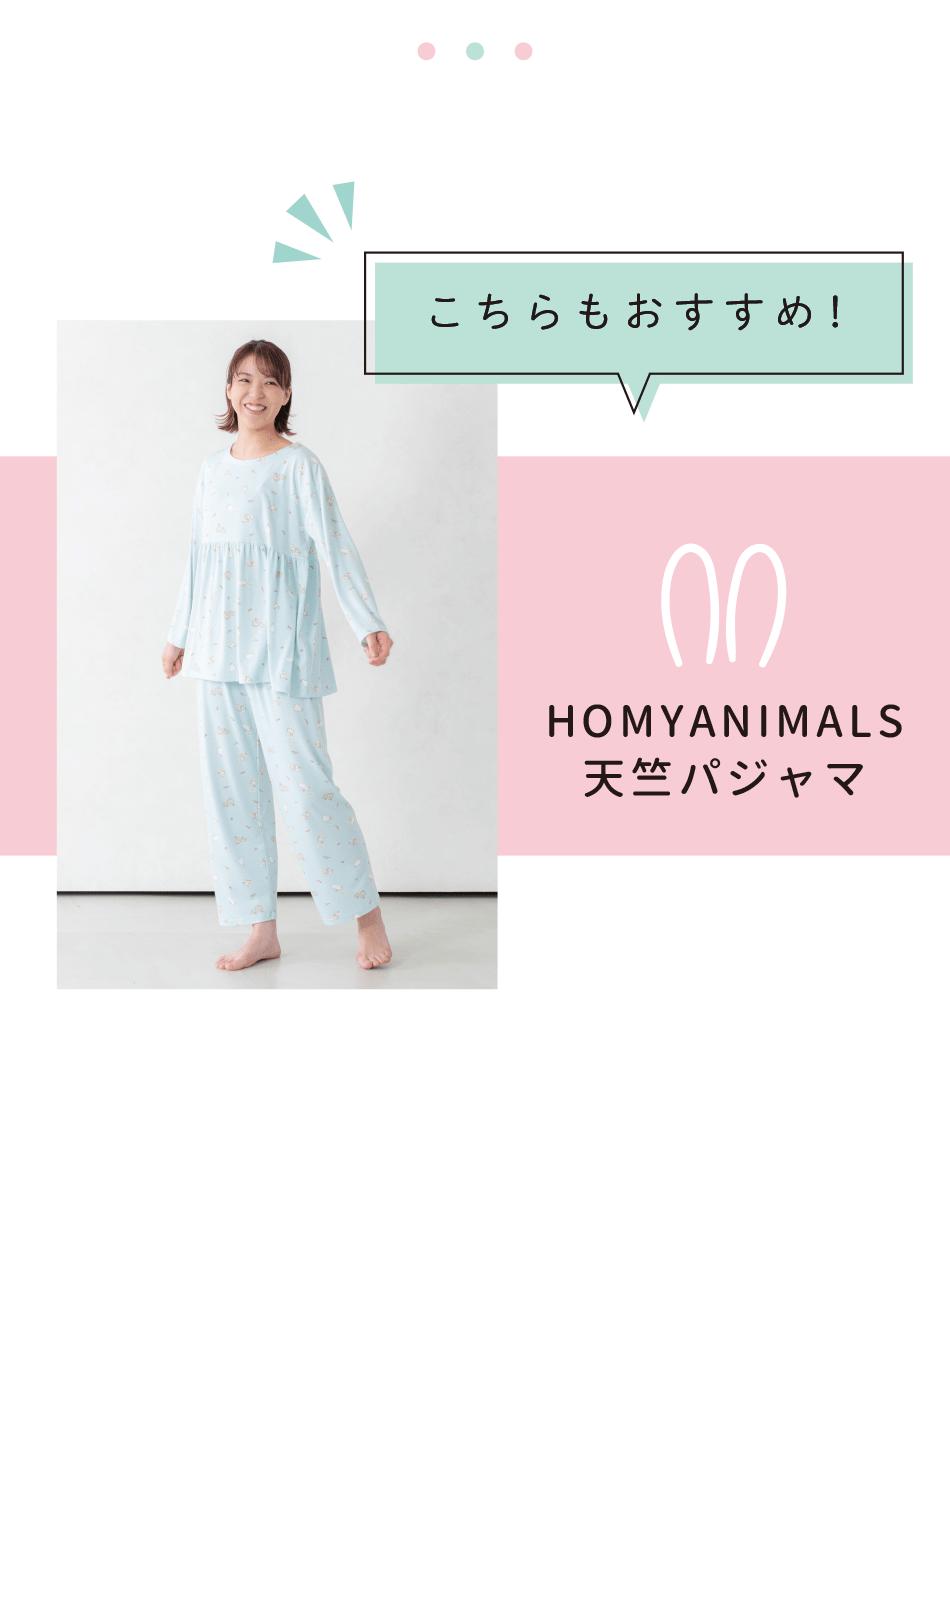 伸縮性のある生地で、のびのび着れるゆったりパジャマ。心地よく眠れます。うさぎパーカーなどと合わせて全身うさぎコーデに。